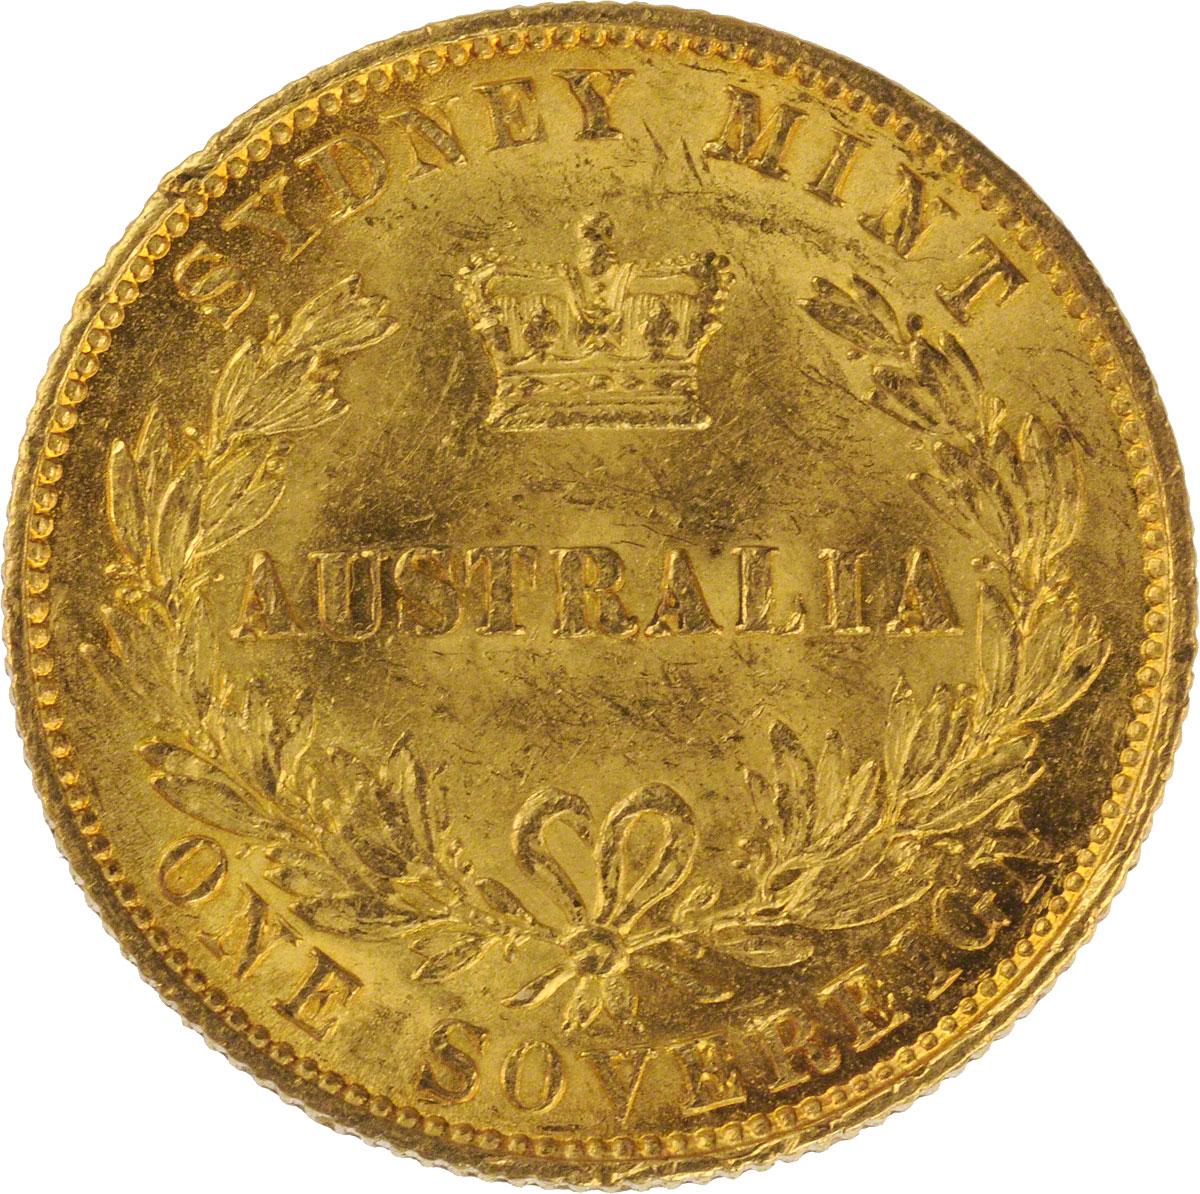 1868 Βικτώρια (Νομισματοκοπείο Σίδνεϊ)